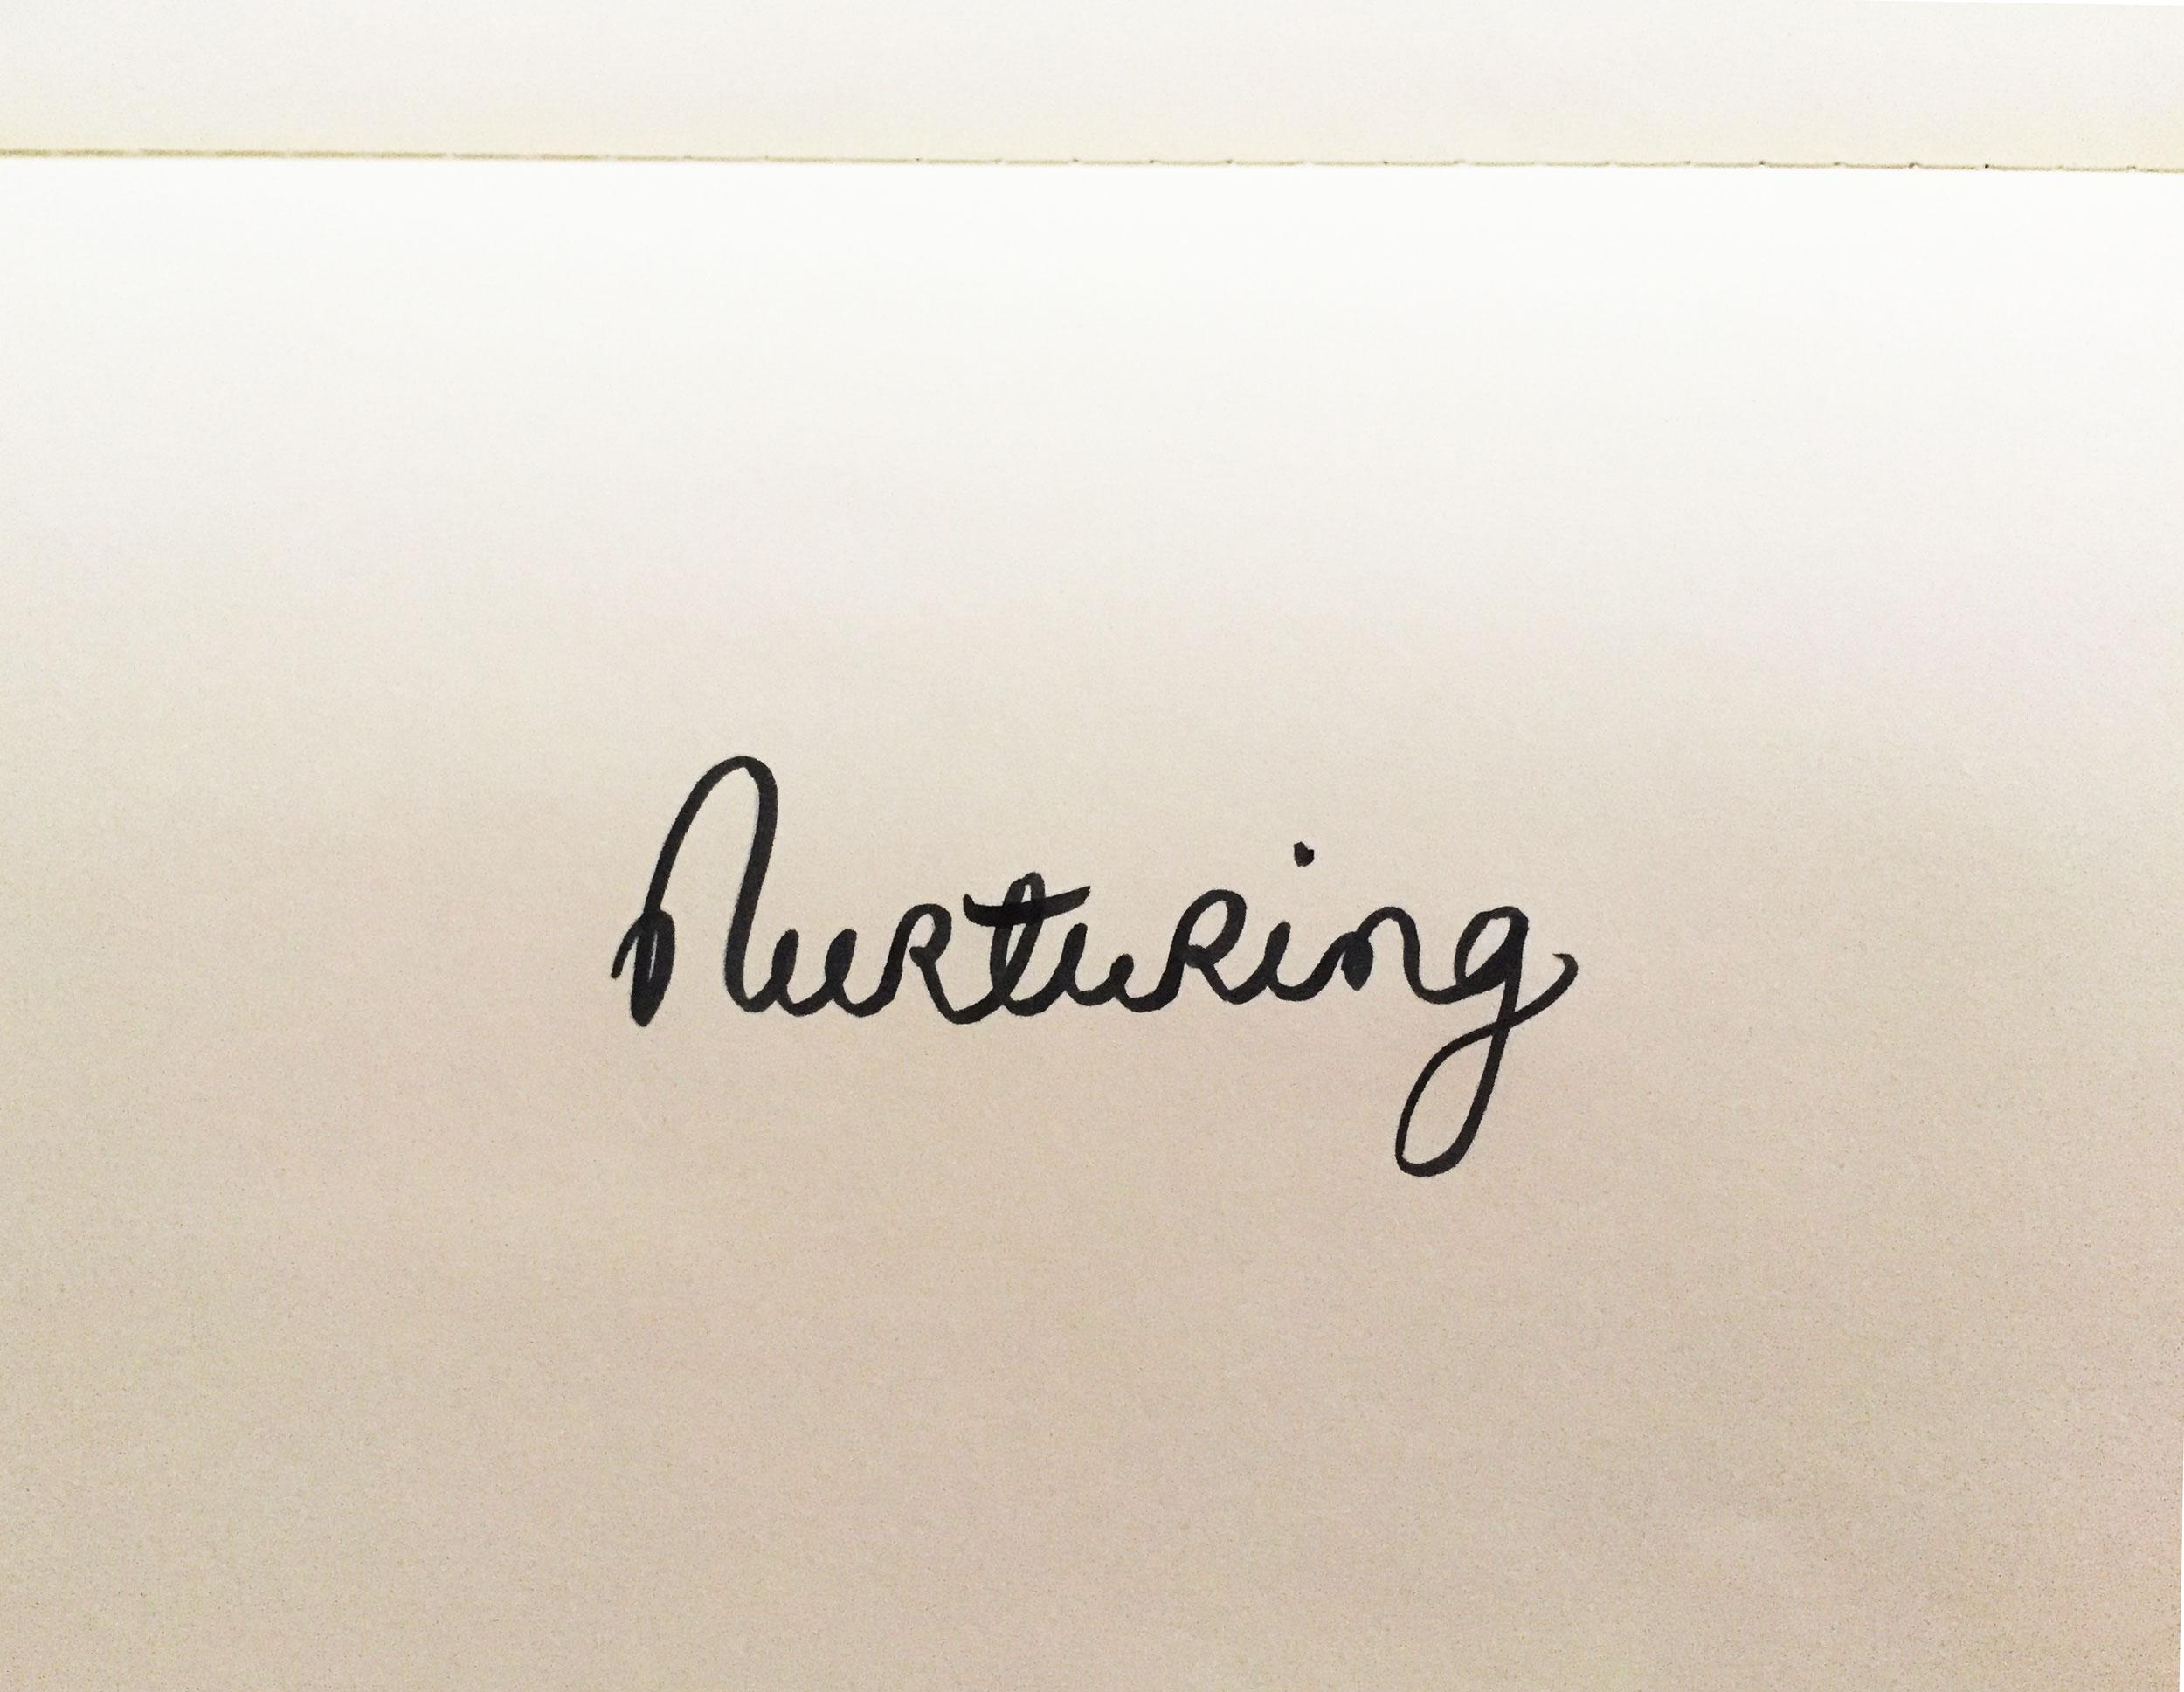 Nurturing. Drawing Luke Hockley.